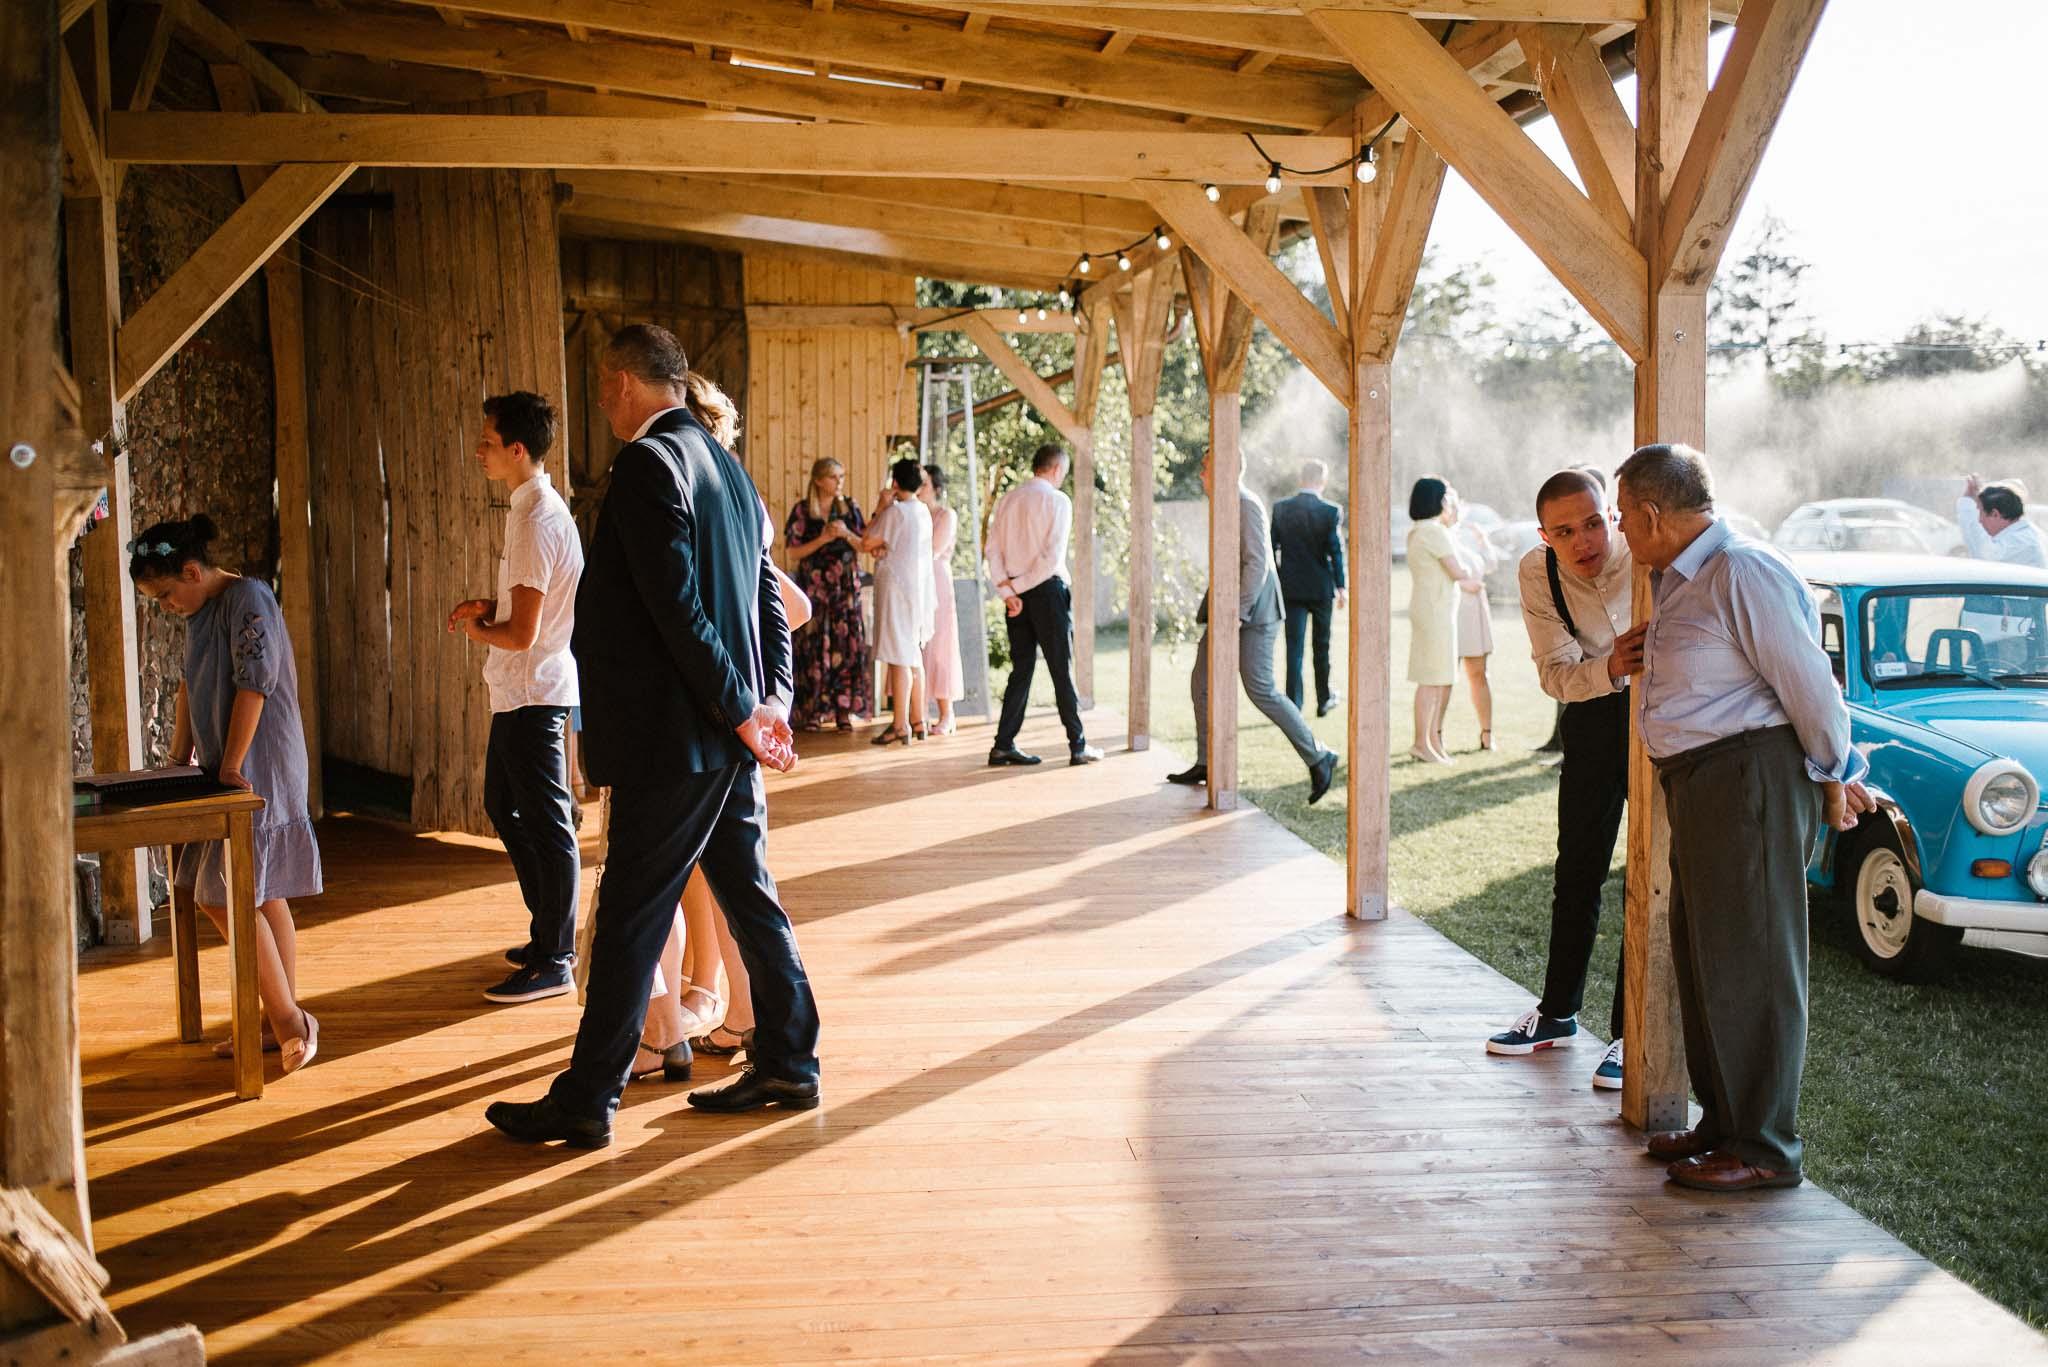 Goście na tarasie stodoły - sesja ślubna w stodole Dyrkowo